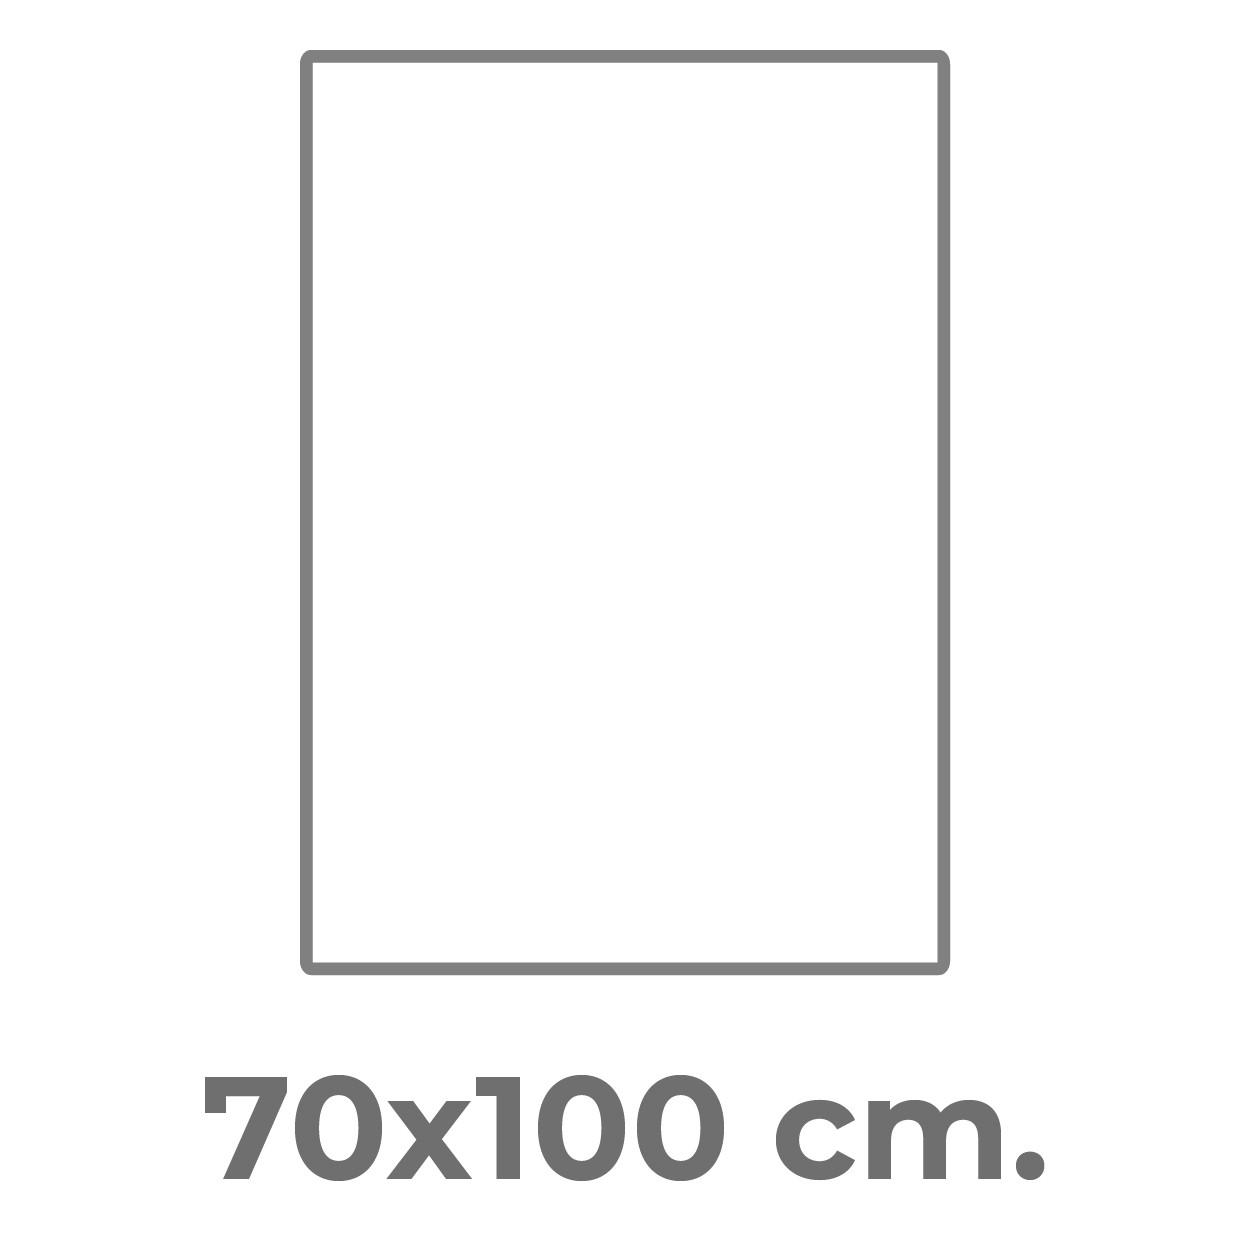 70x100cm